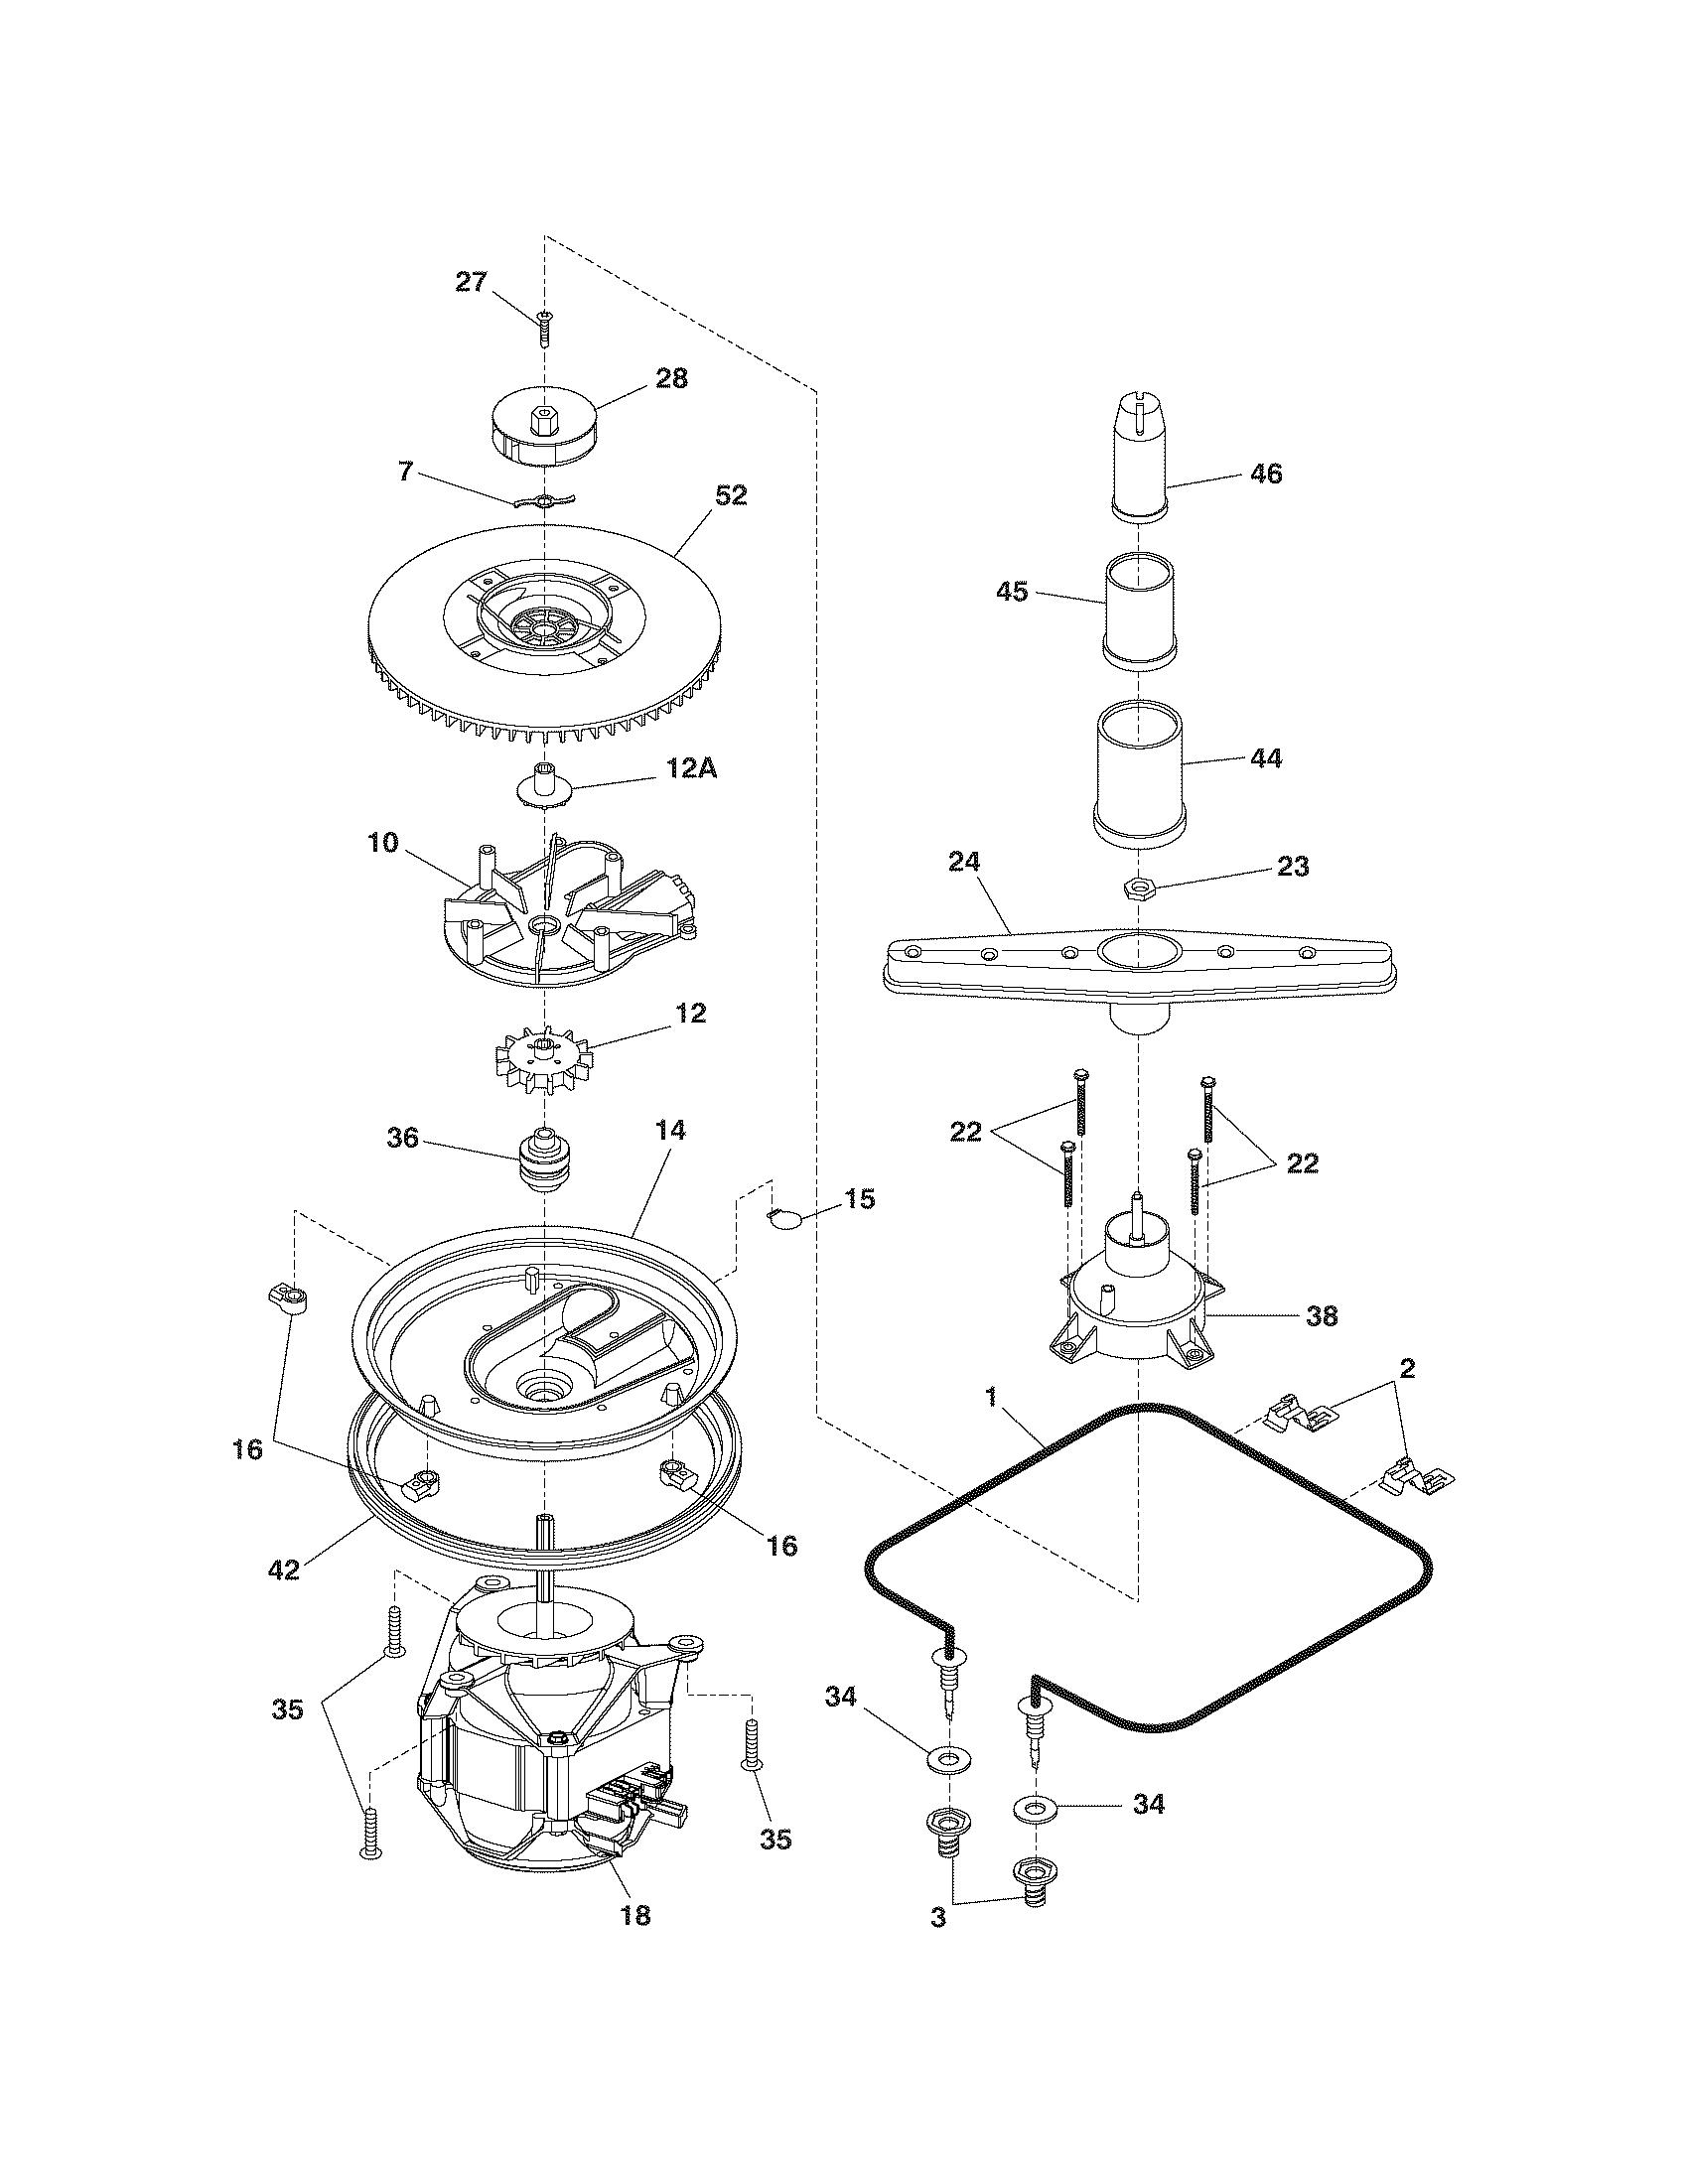 hight resolution of frigidaire dishwasher schematic diagram